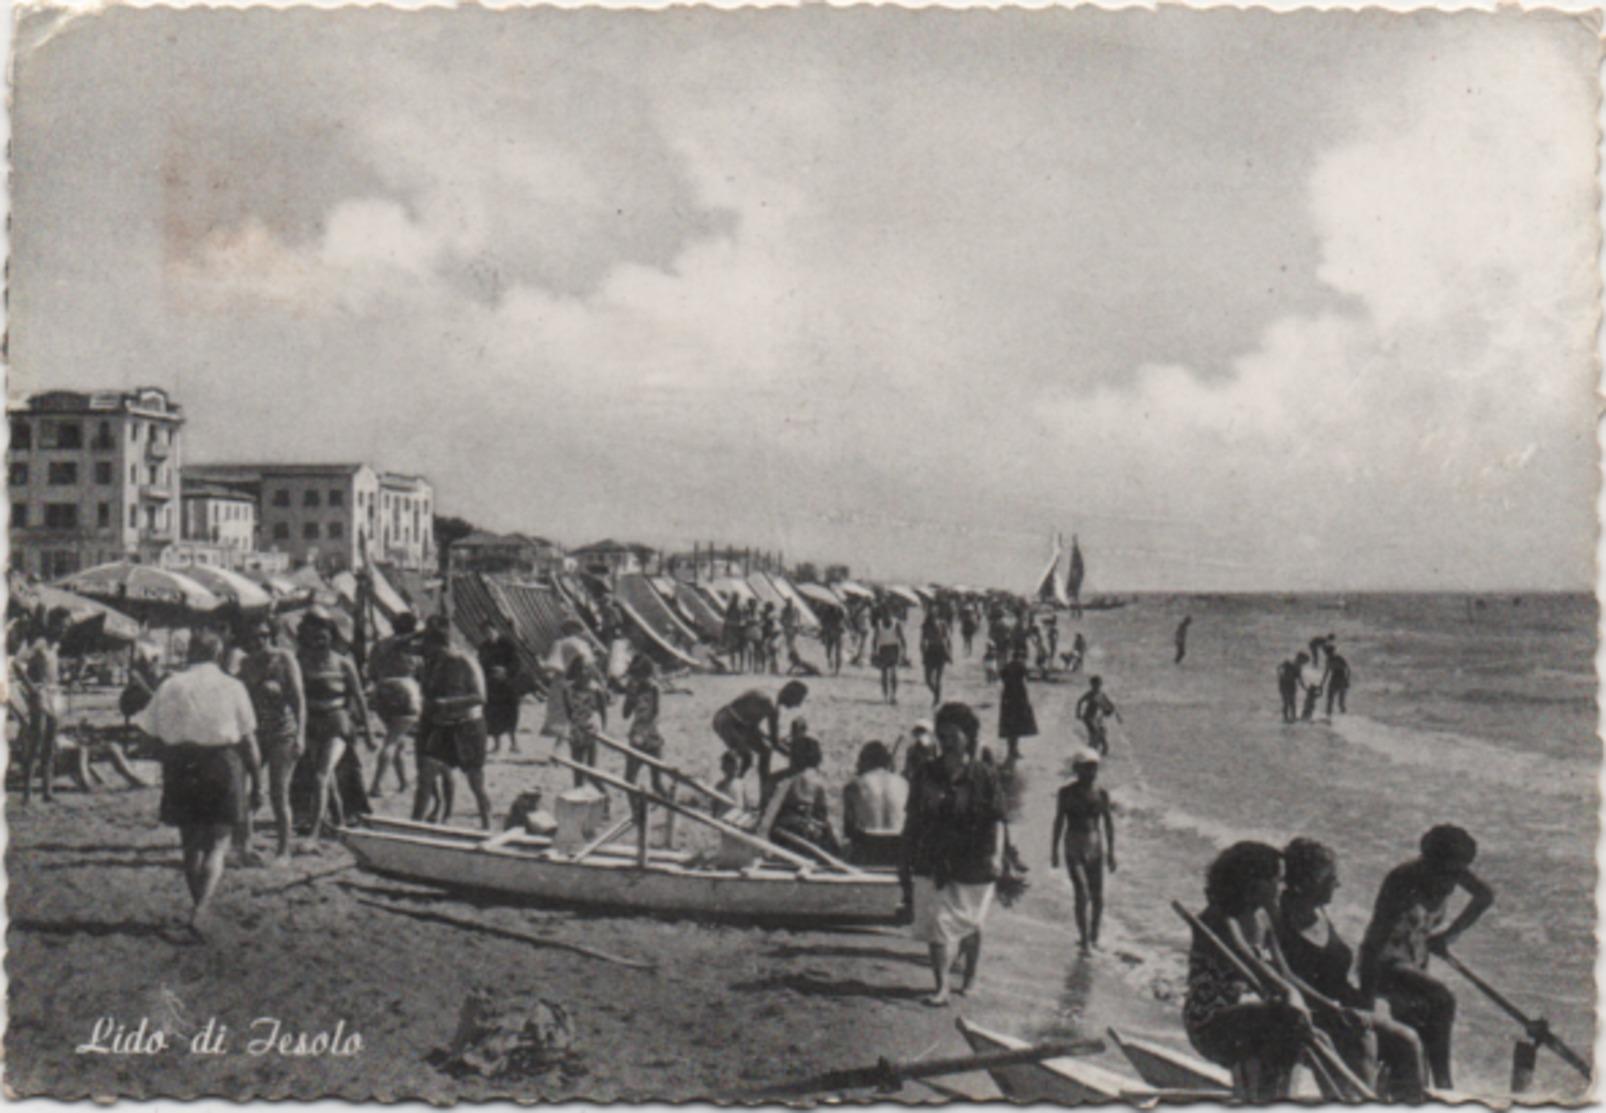 Lido Di Jesolo (Venezia). Viaggiata 1955 - Venezia (Venice)